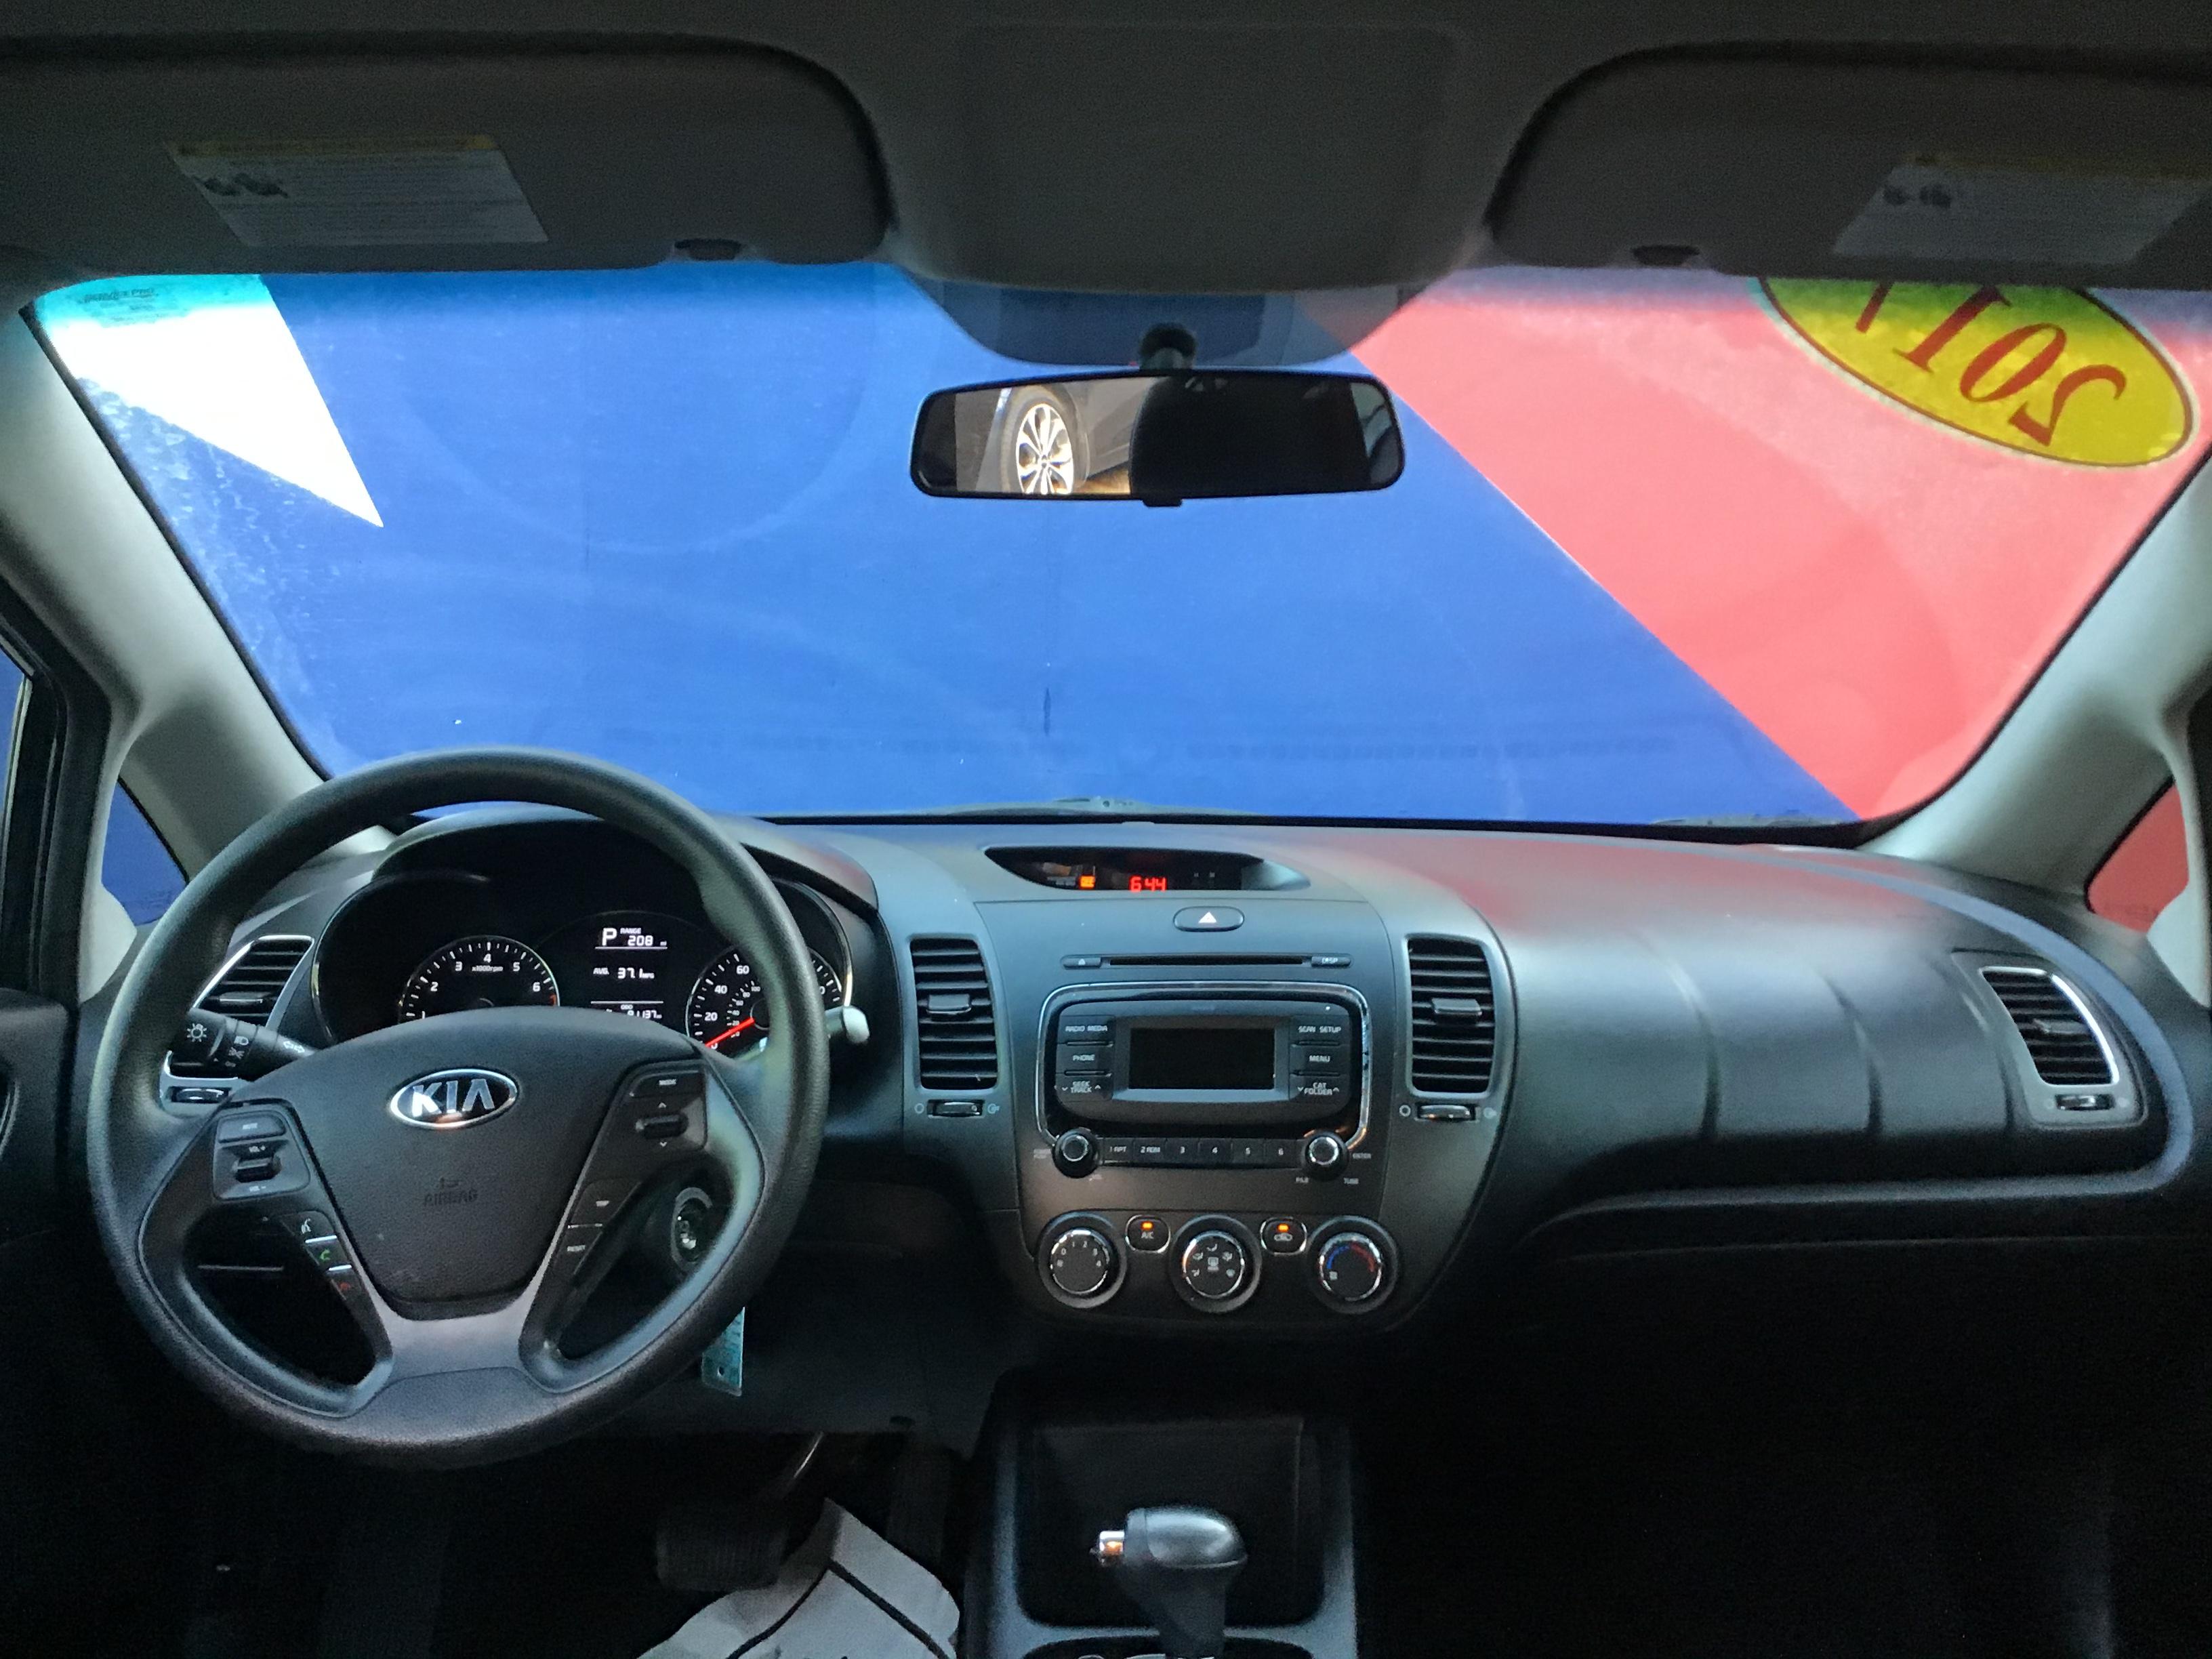 used vehicle - Sedan KIA FORTE 2017